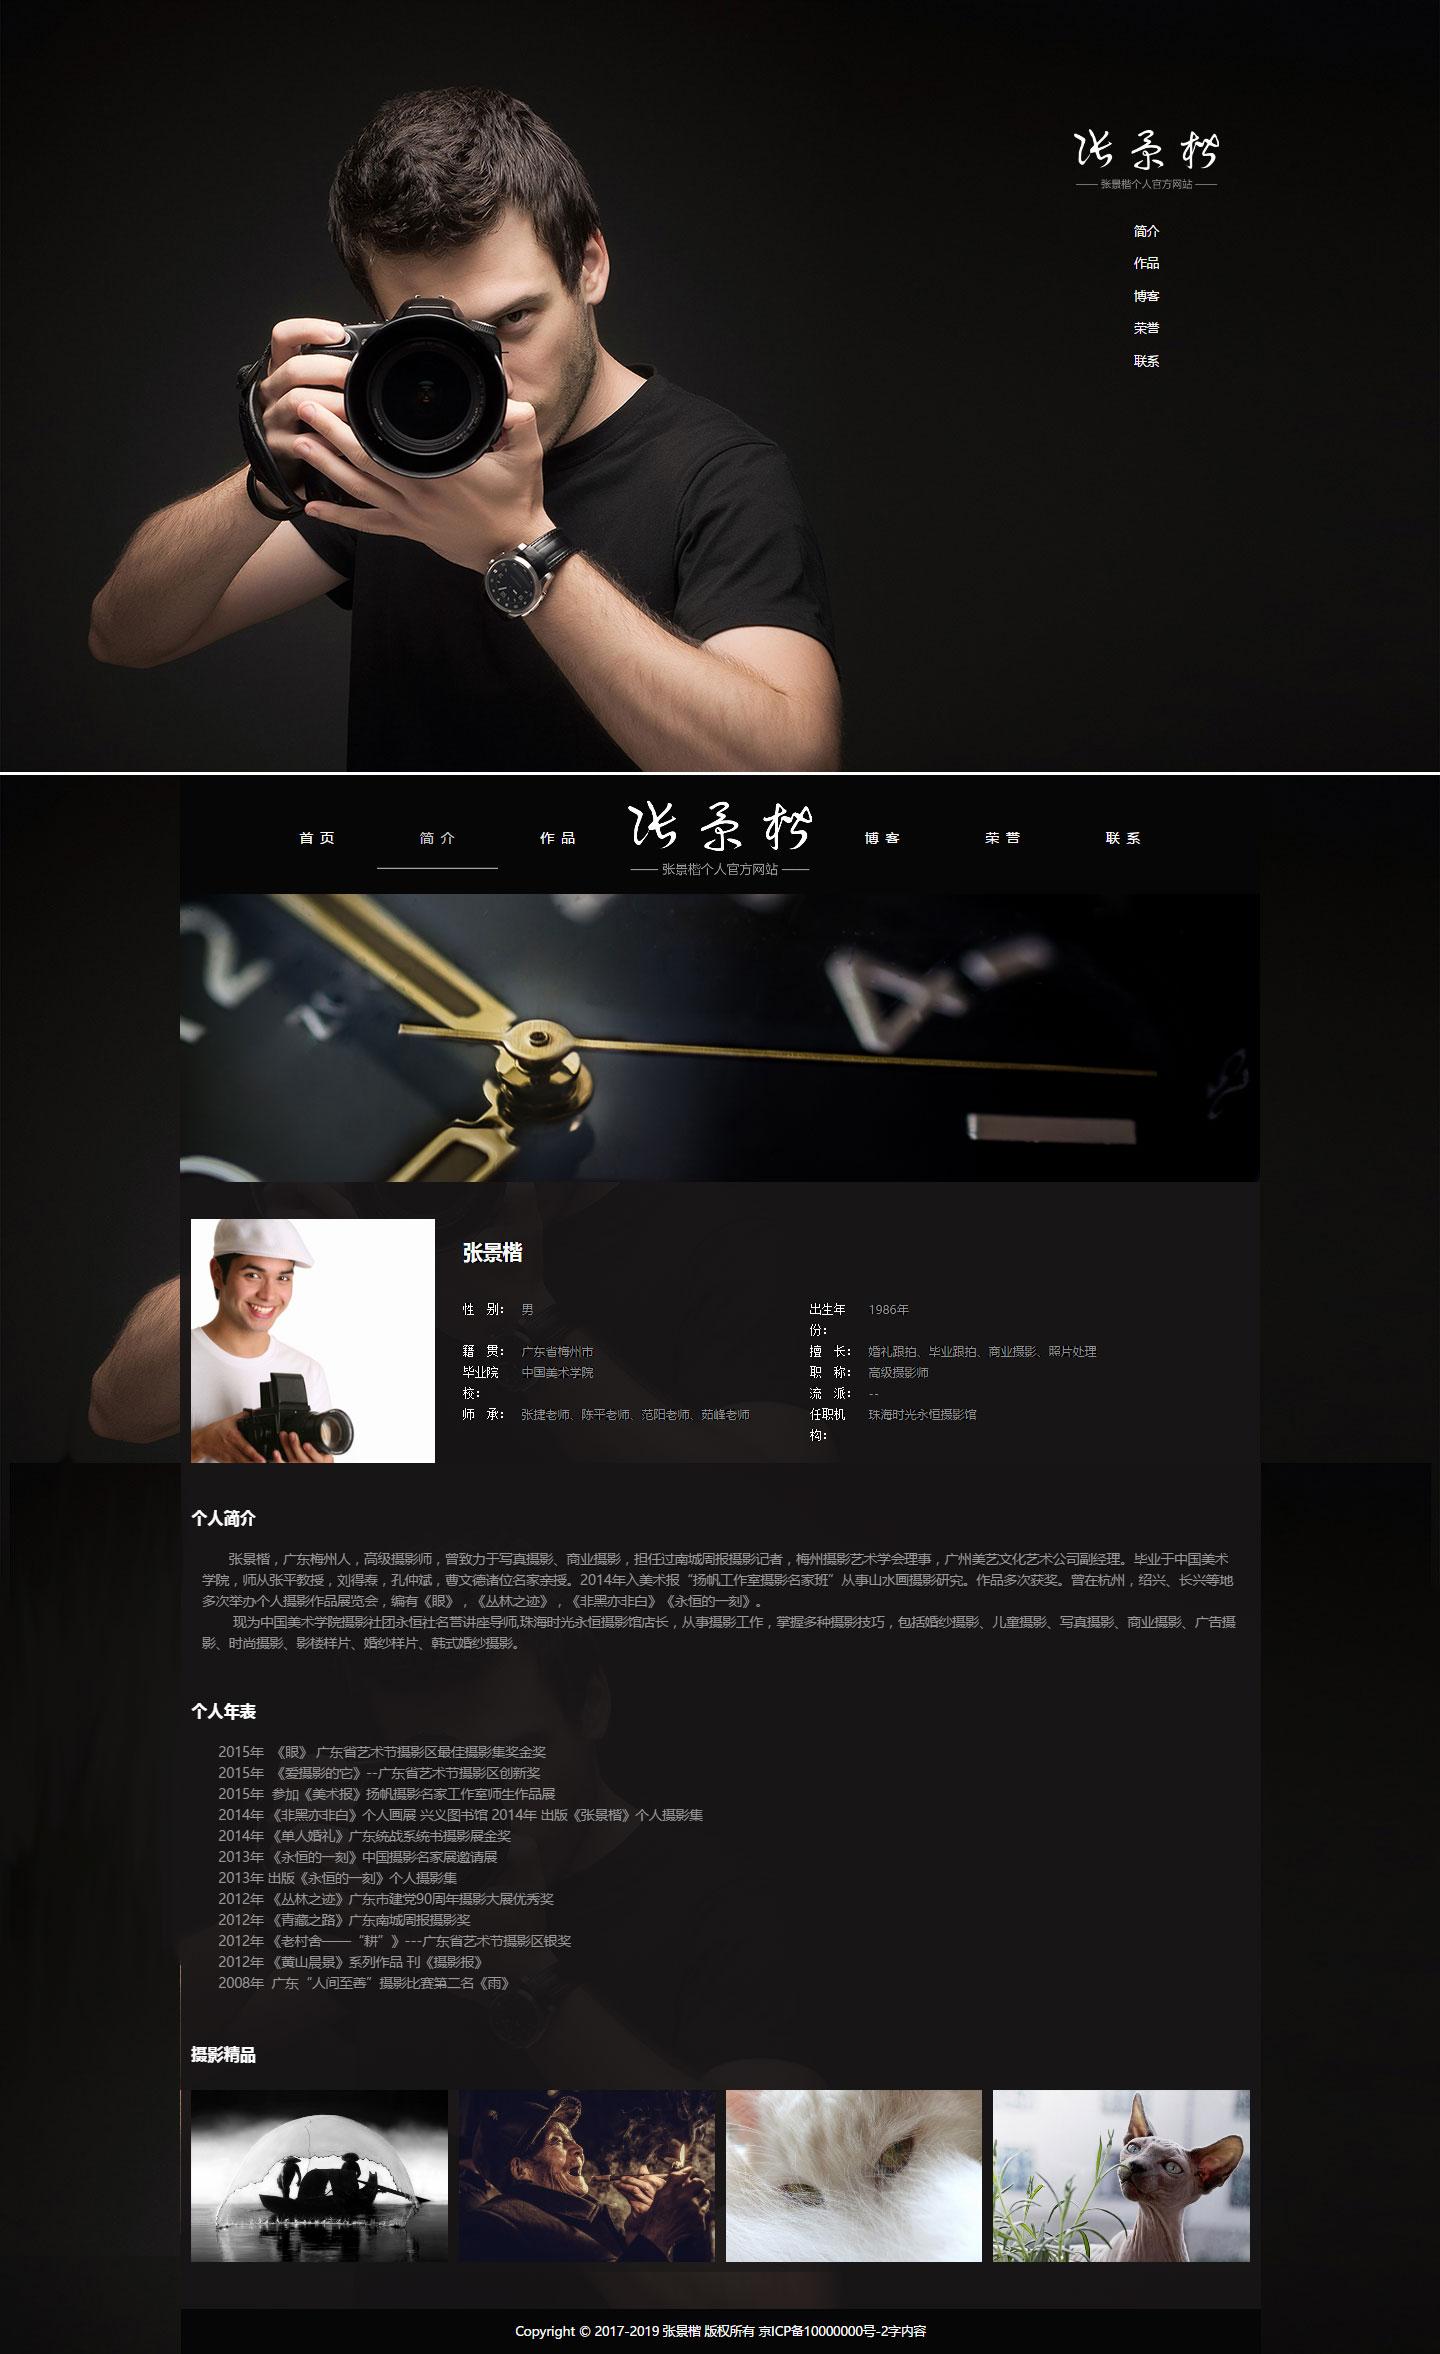 张景楷个人网站模板